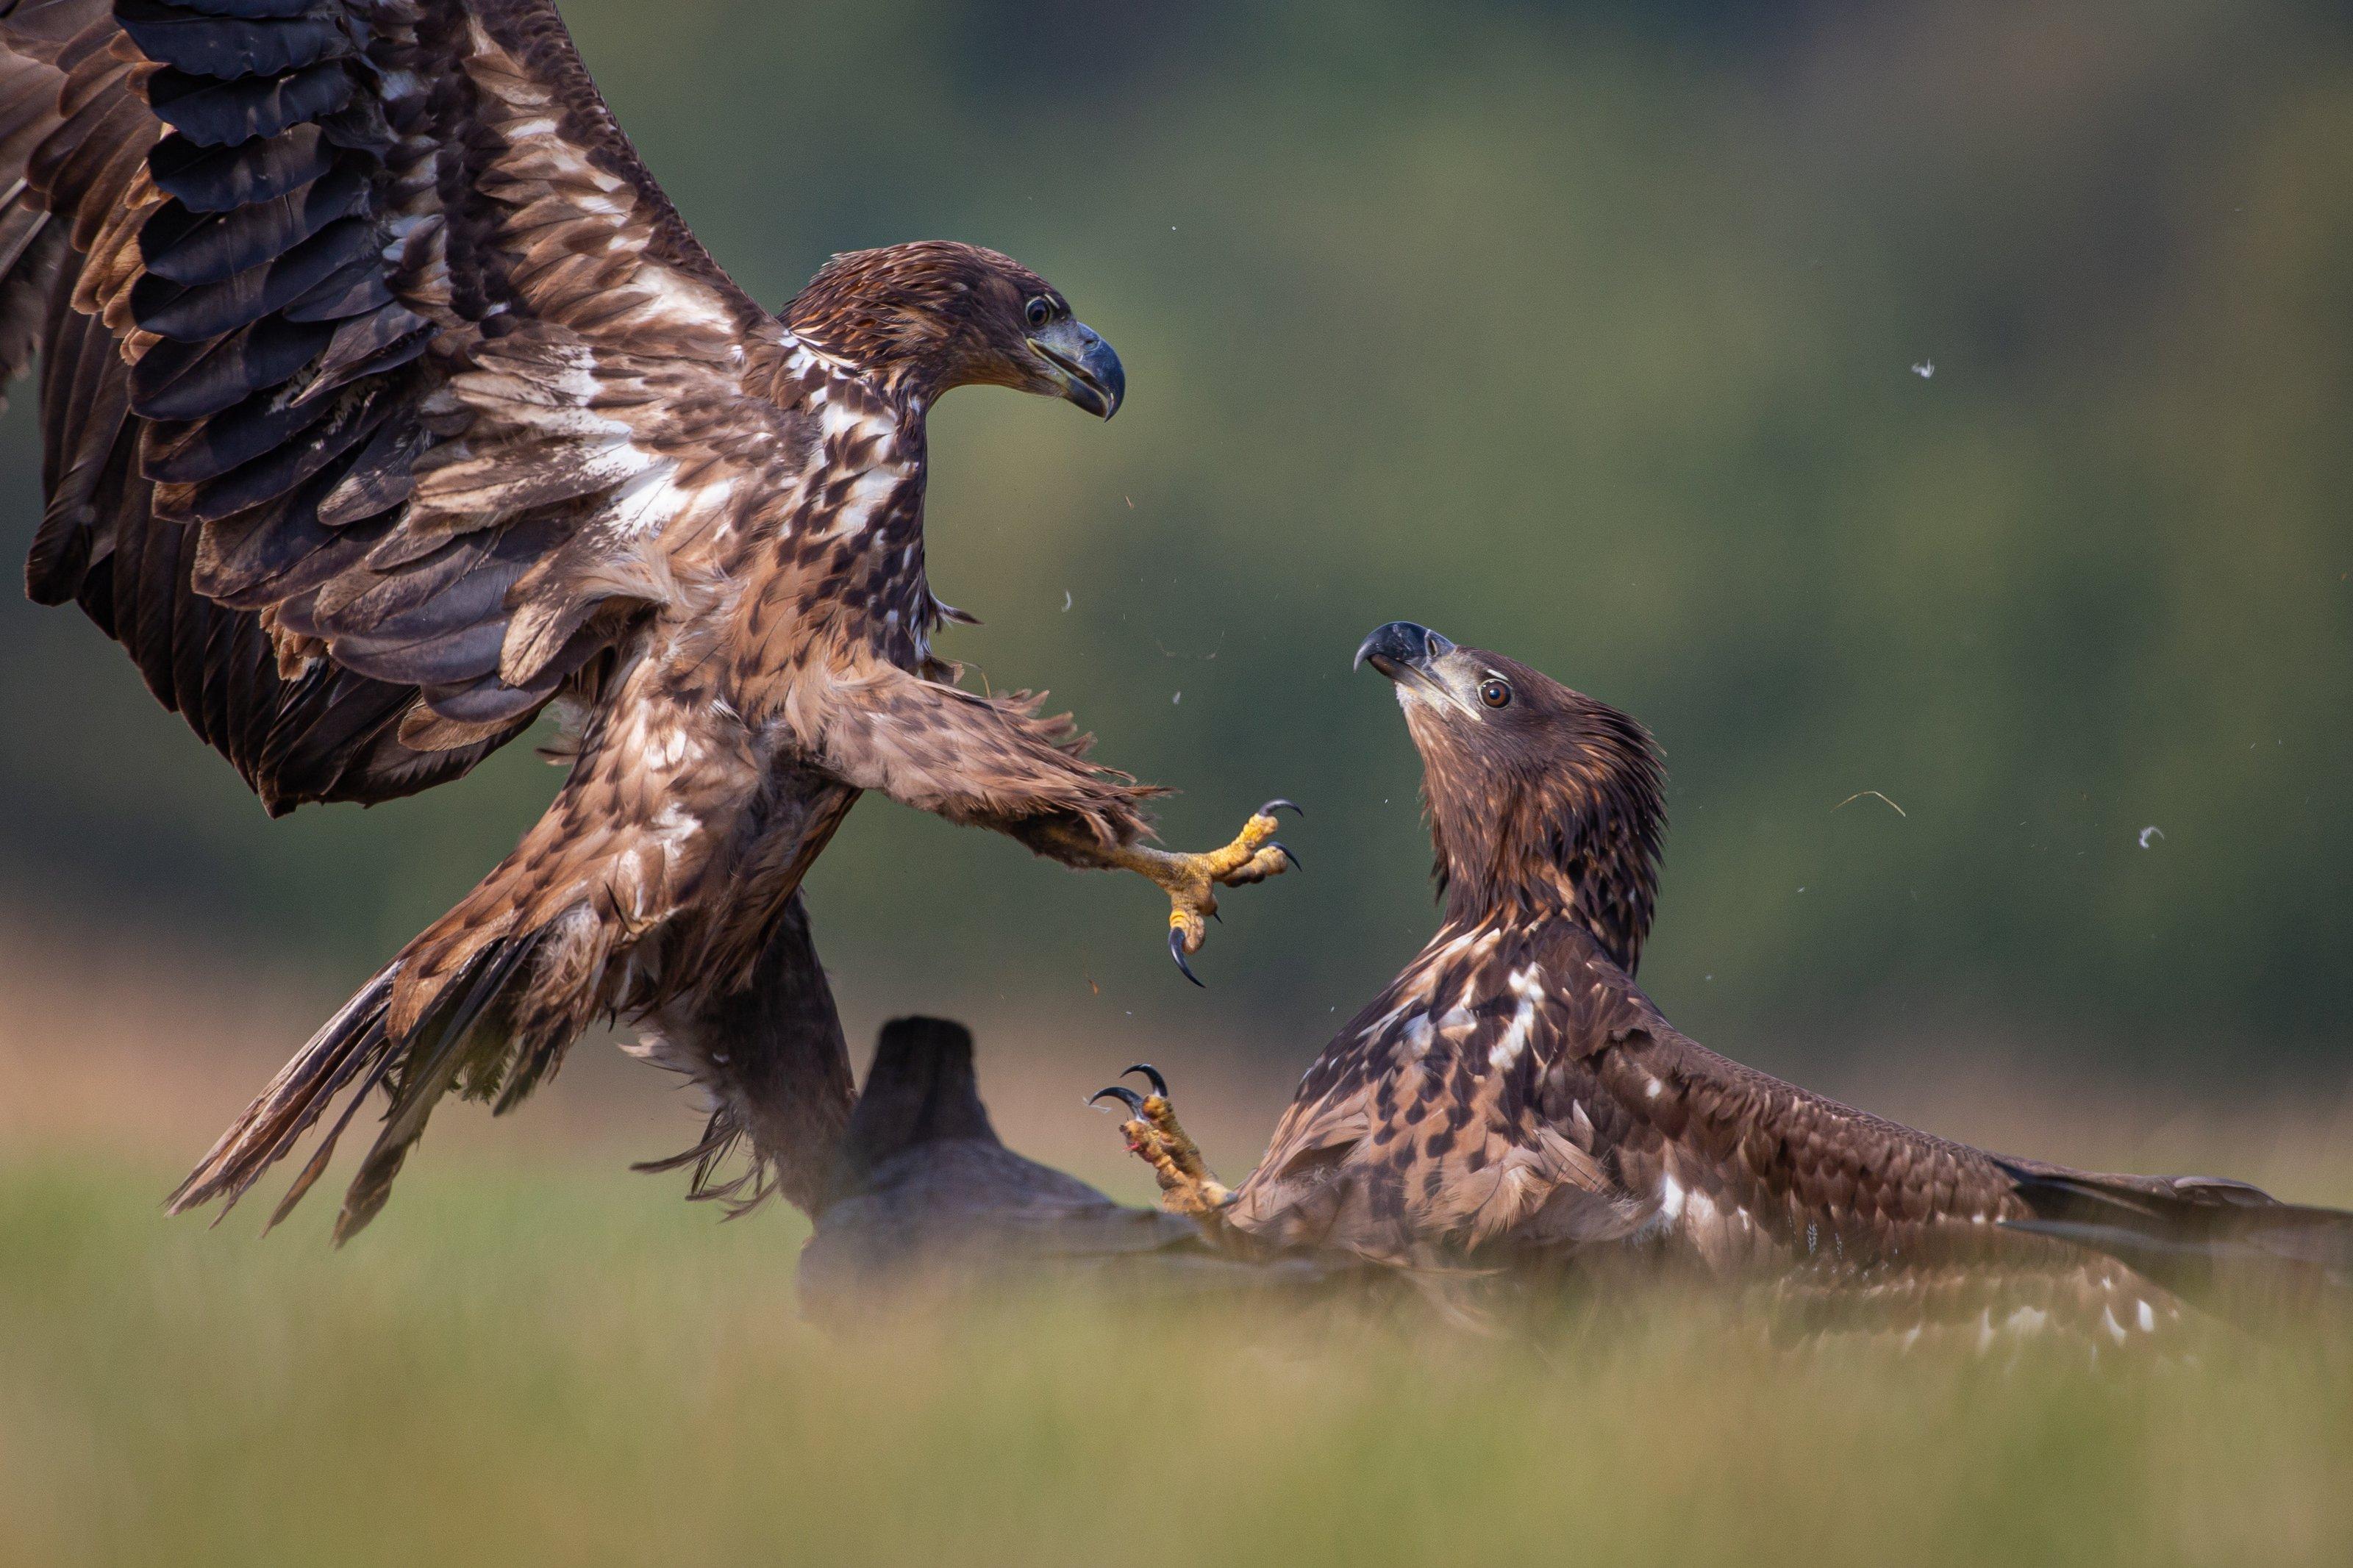 eagle, animal, wild, Dobkowski Lukasz